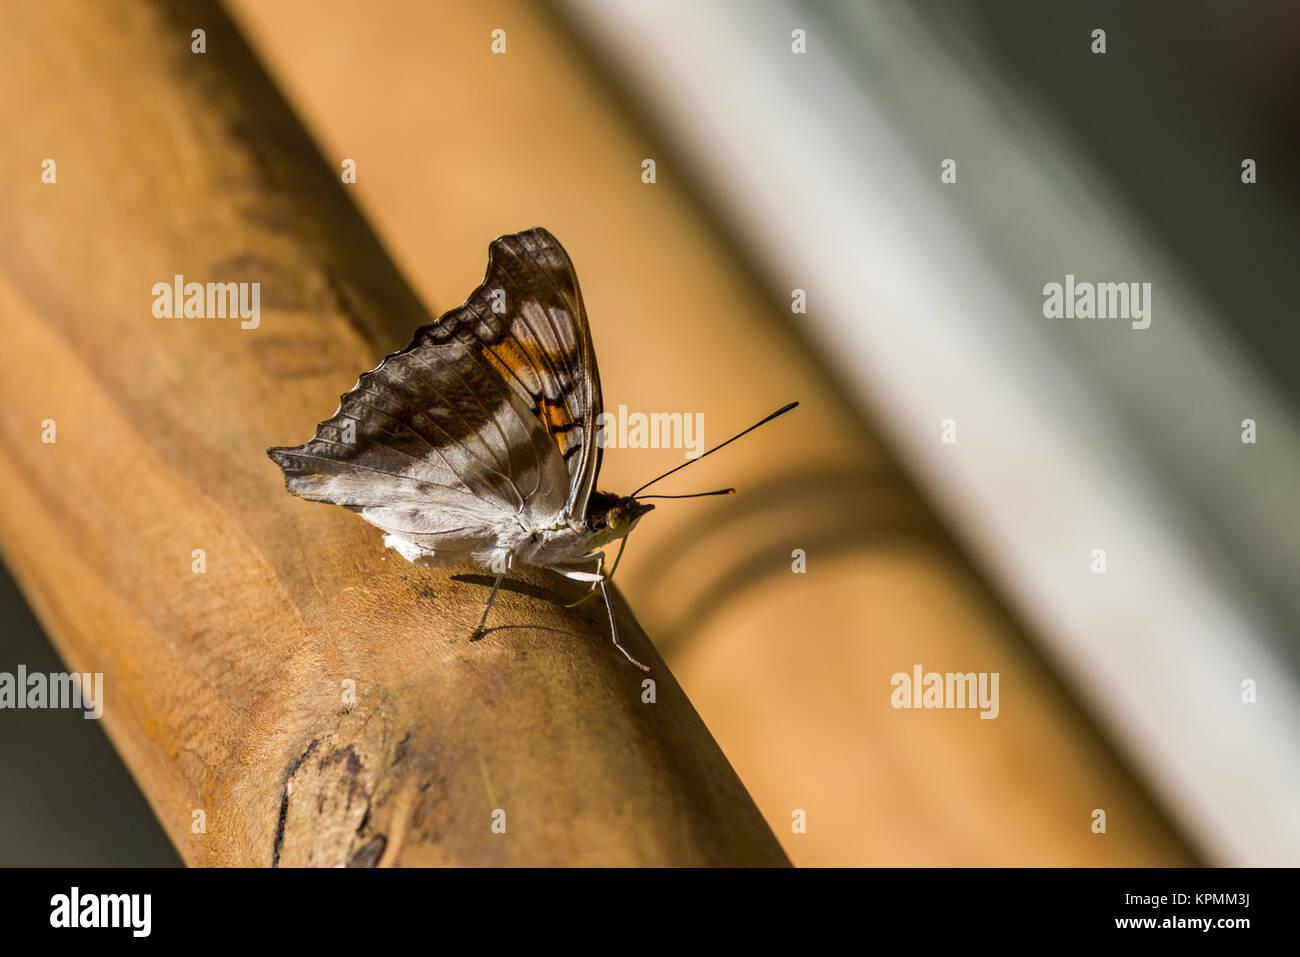 Braune und weiße Schmetterling auf Handlauf aus Holz Stockfoto, Bild ...